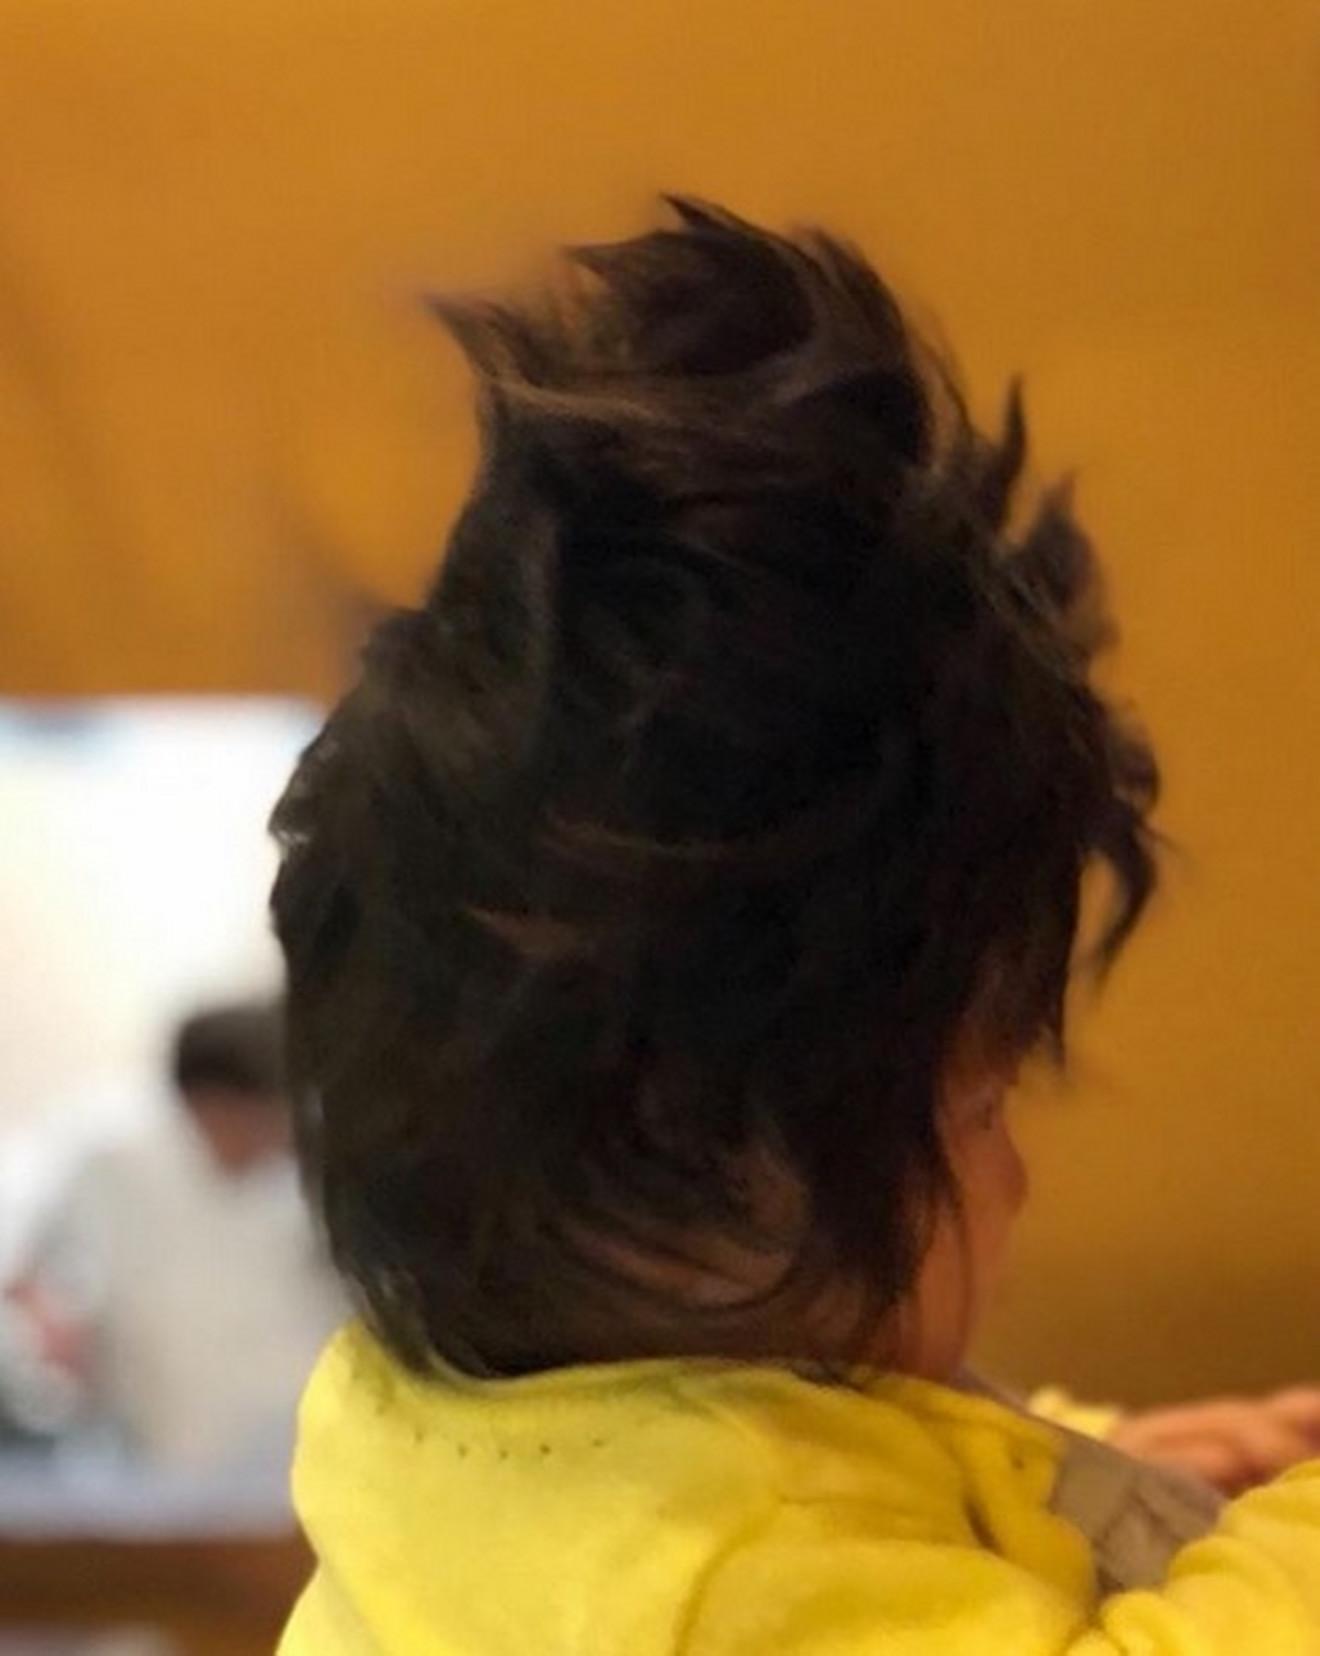 Čanko kad se probudi, pa se frizura poremeti